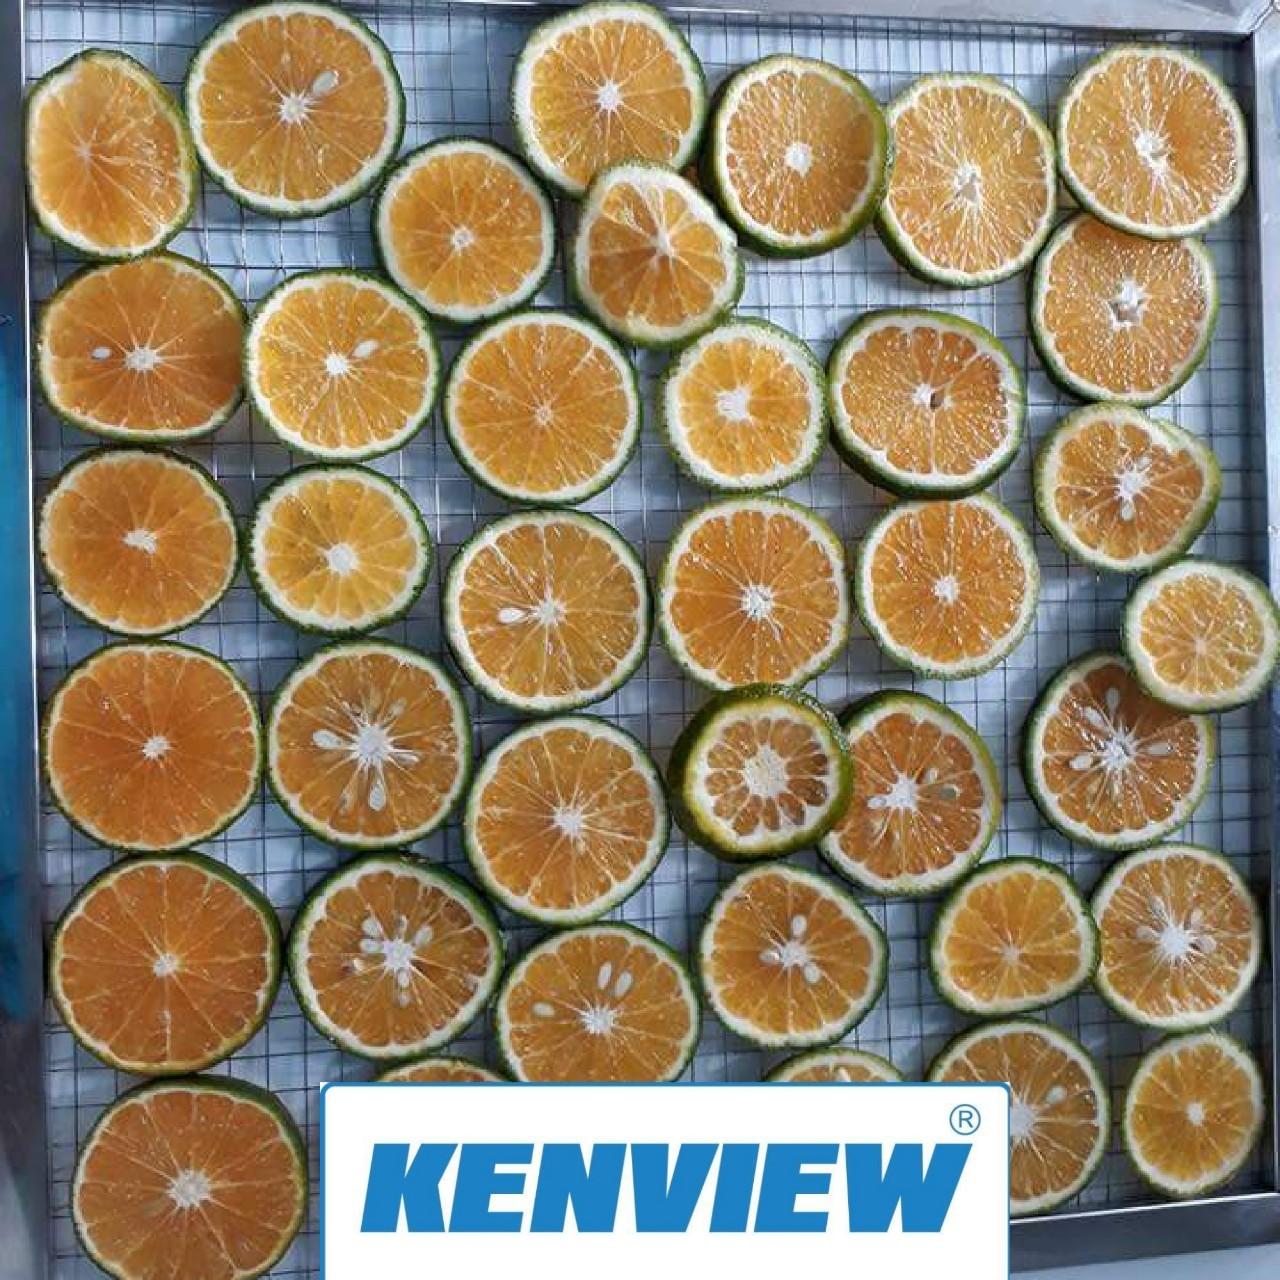 Cam sấy khô bằng máy sấy thực phẩm kenview